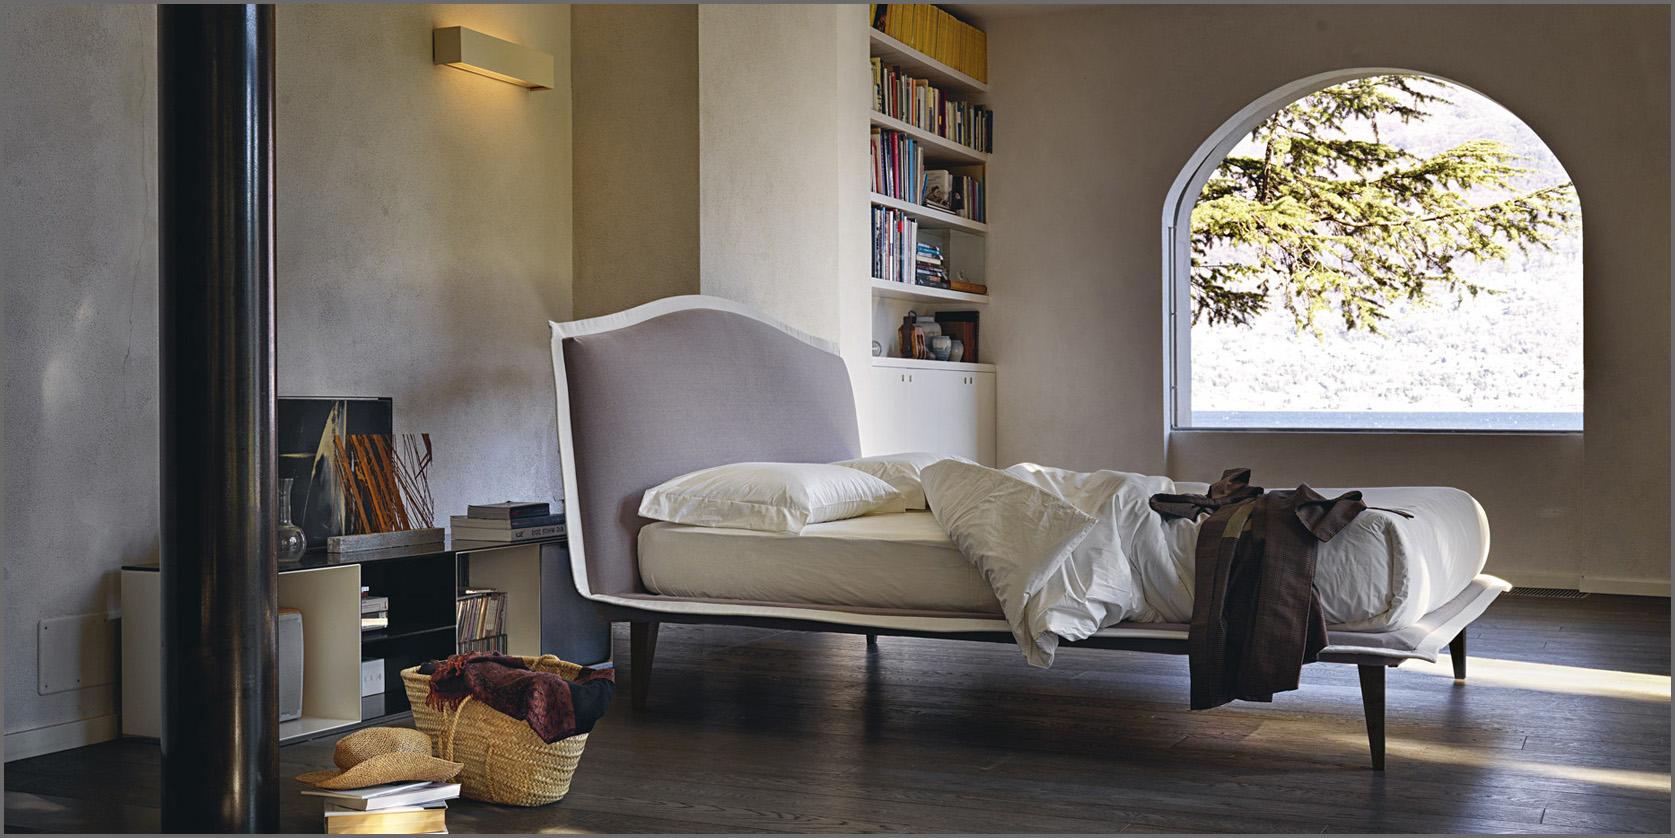 Interior design e psicologia della casa una sinergia for Caratteristiche di interior design della casa colonica